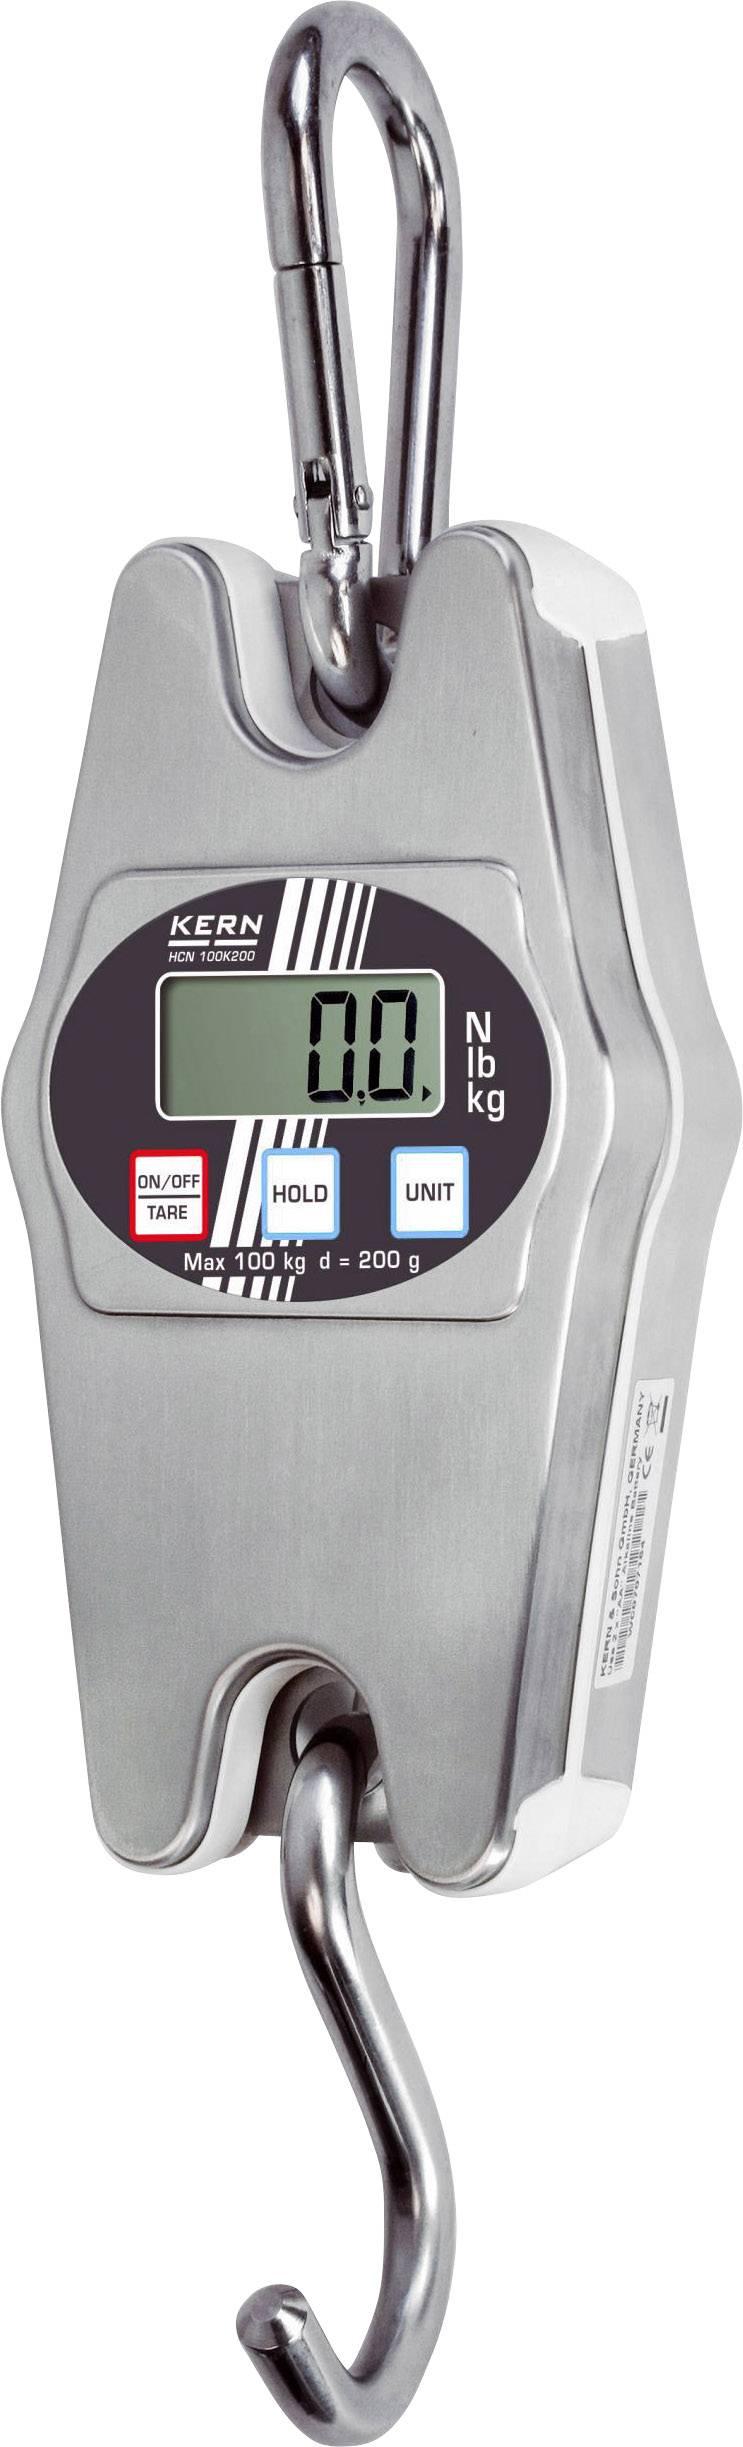 Závěsná váha Kern max. váživost 200 kg rozlišení 500 g